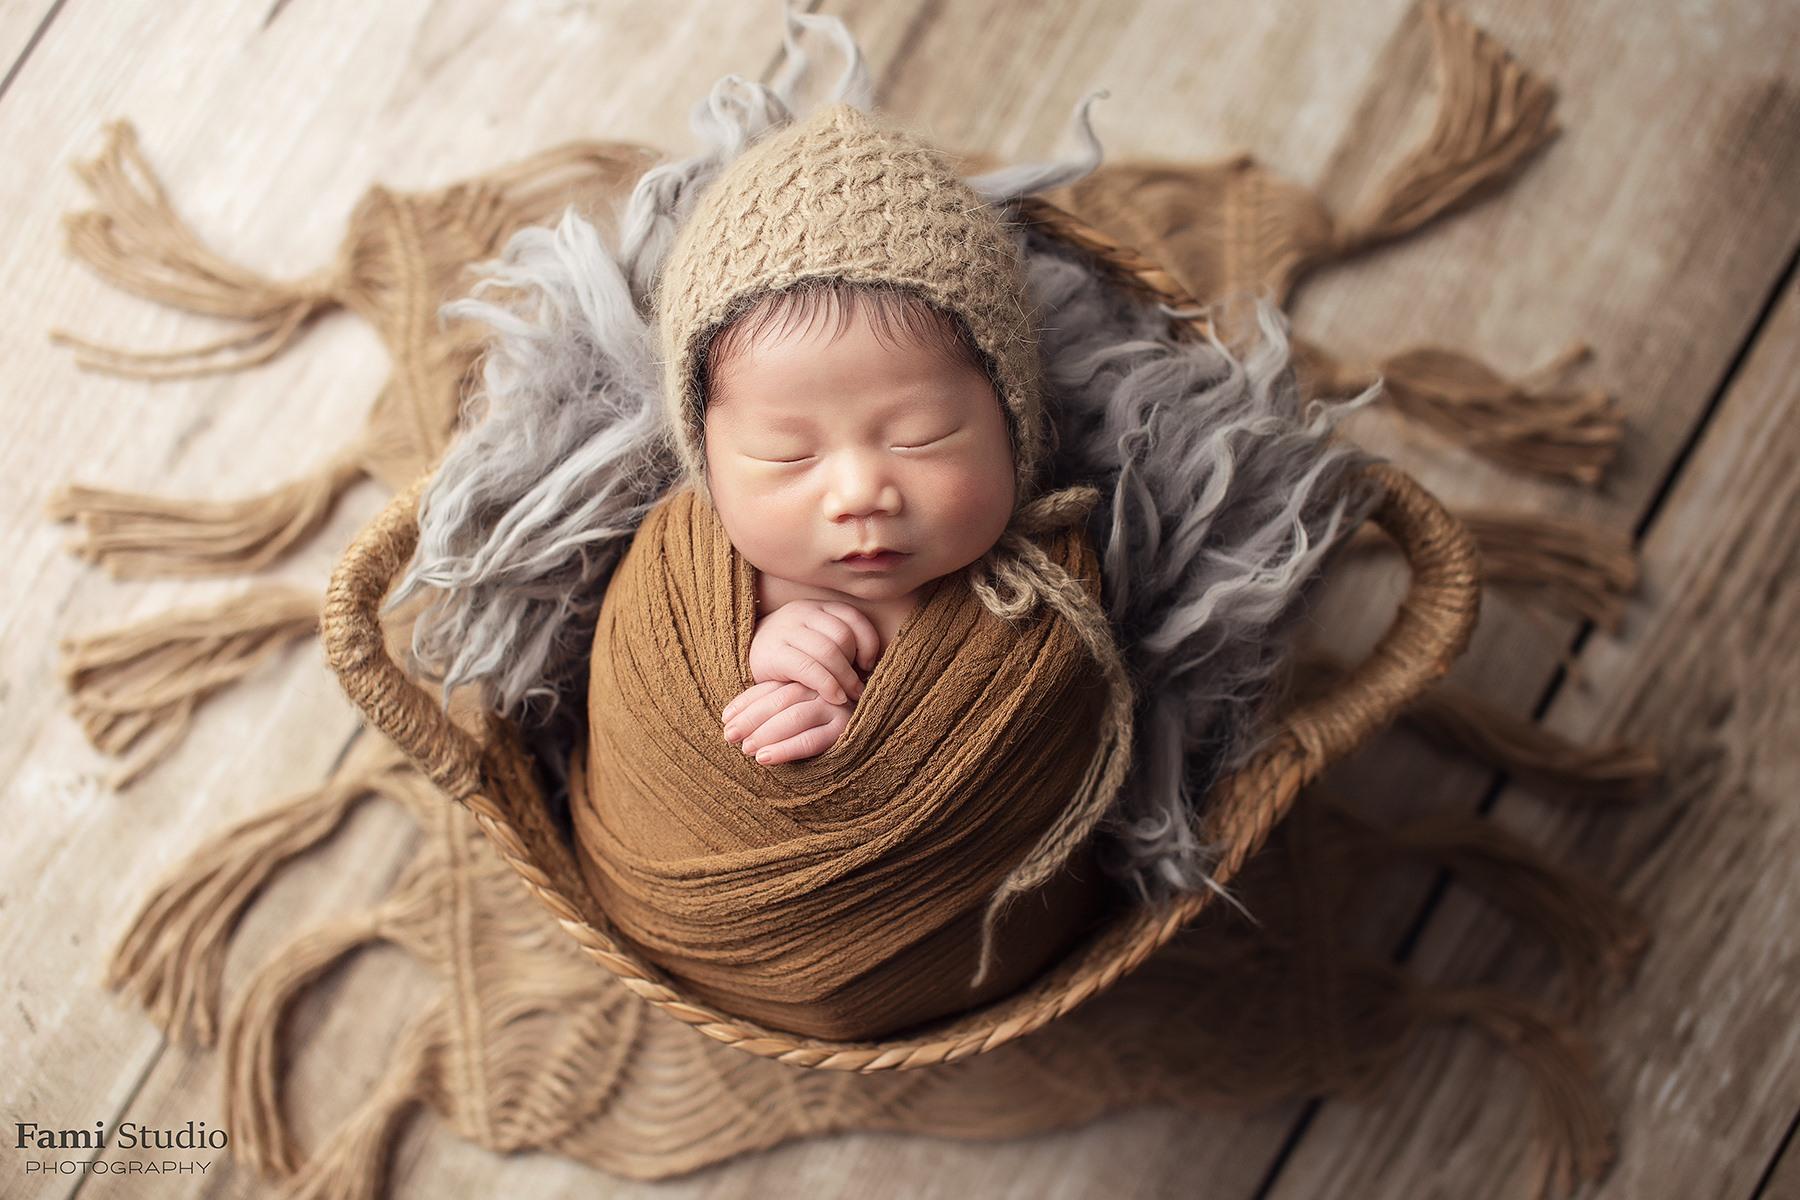 Top 9 studio chụp ảnh cho bé đẹp và chất lượng nhất TPHCM -  Fami Studio